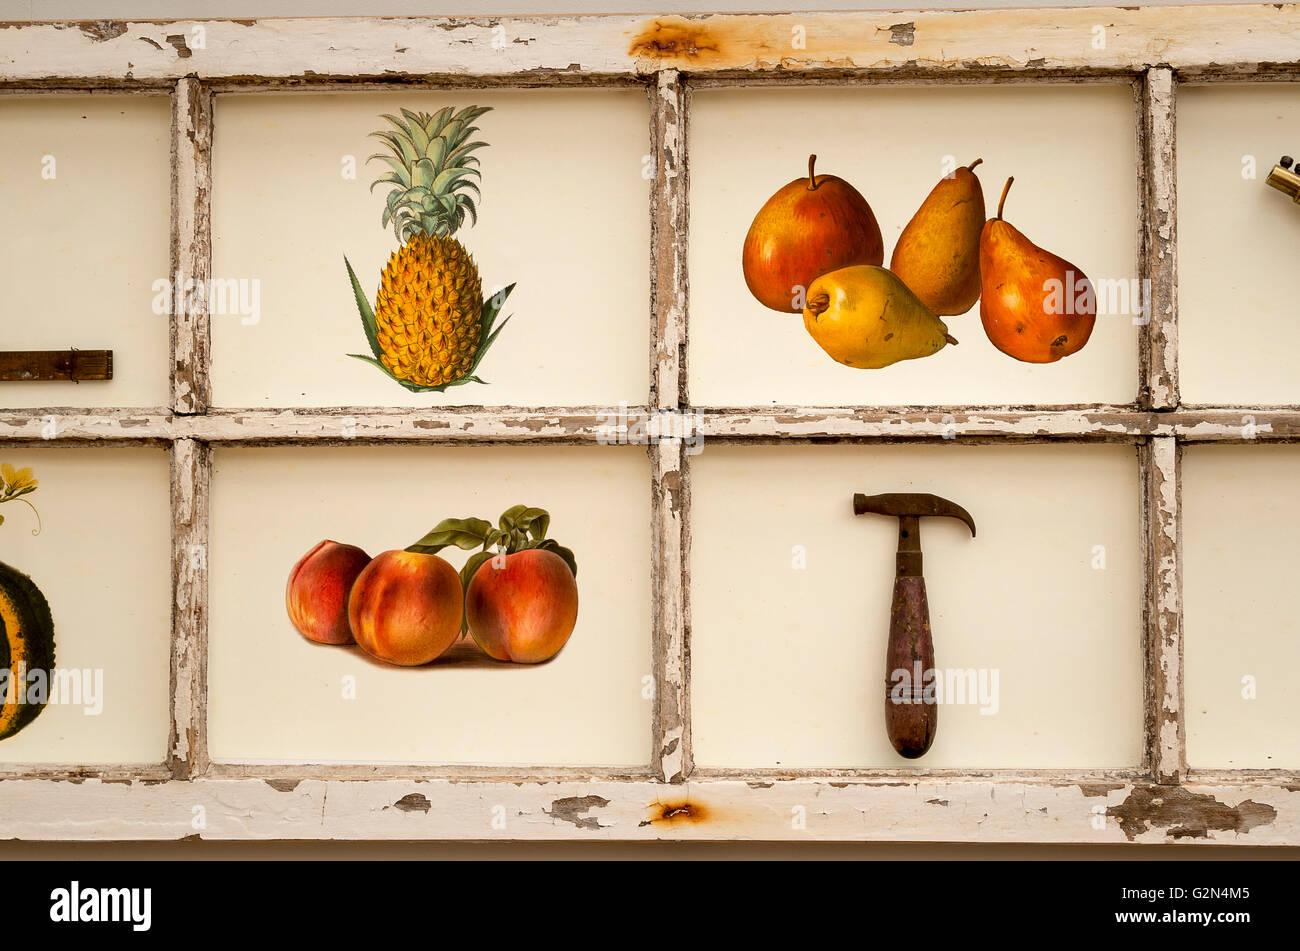 Detail der ein anschauliches Bild Darstellung Obst und alte Werkzeuge Stockbild